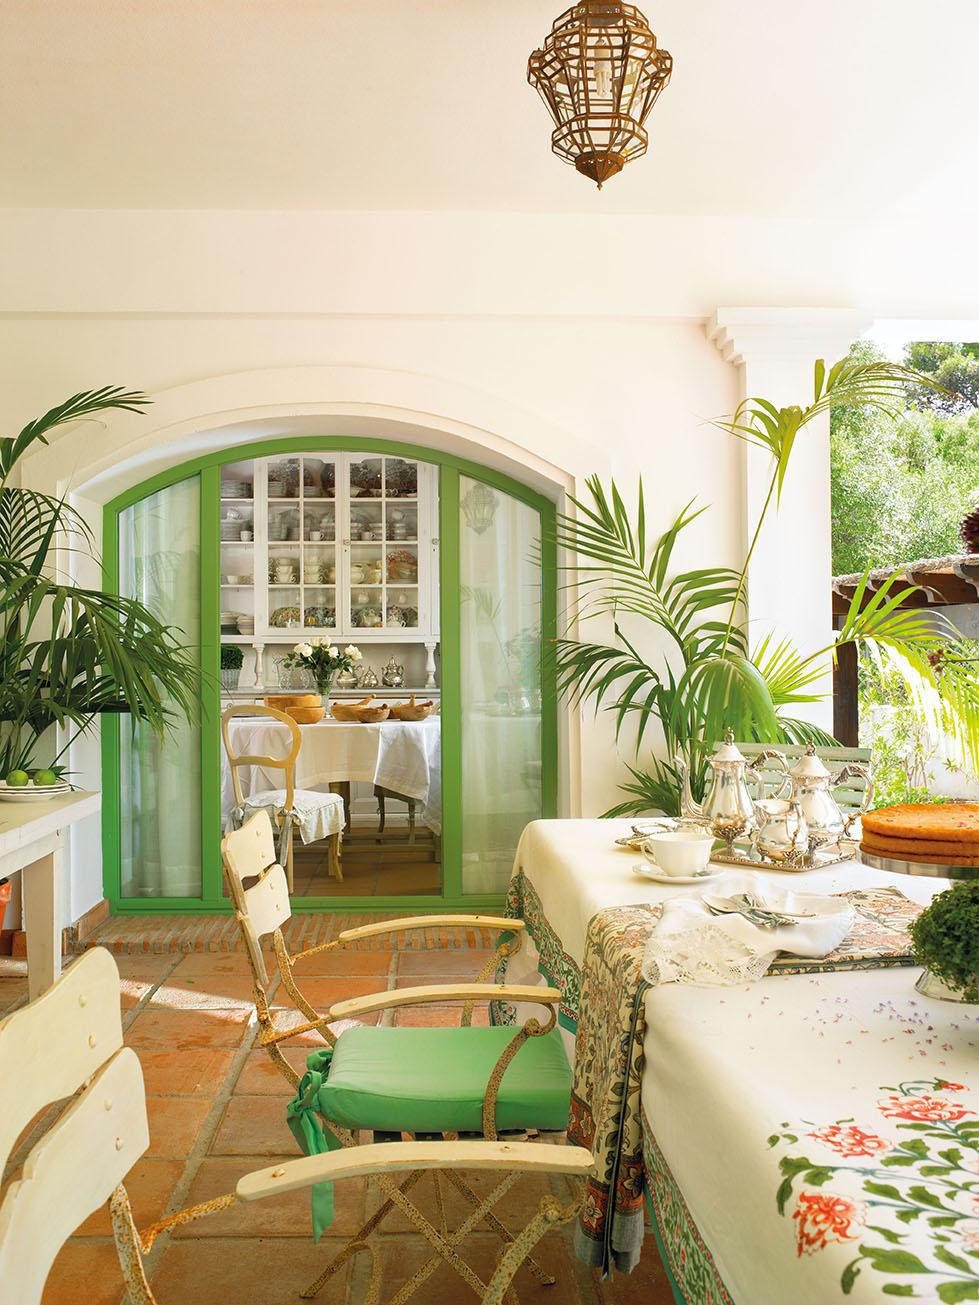 00324107. Comedor en blanco y verde con sillas de hierro en el porche_00324107